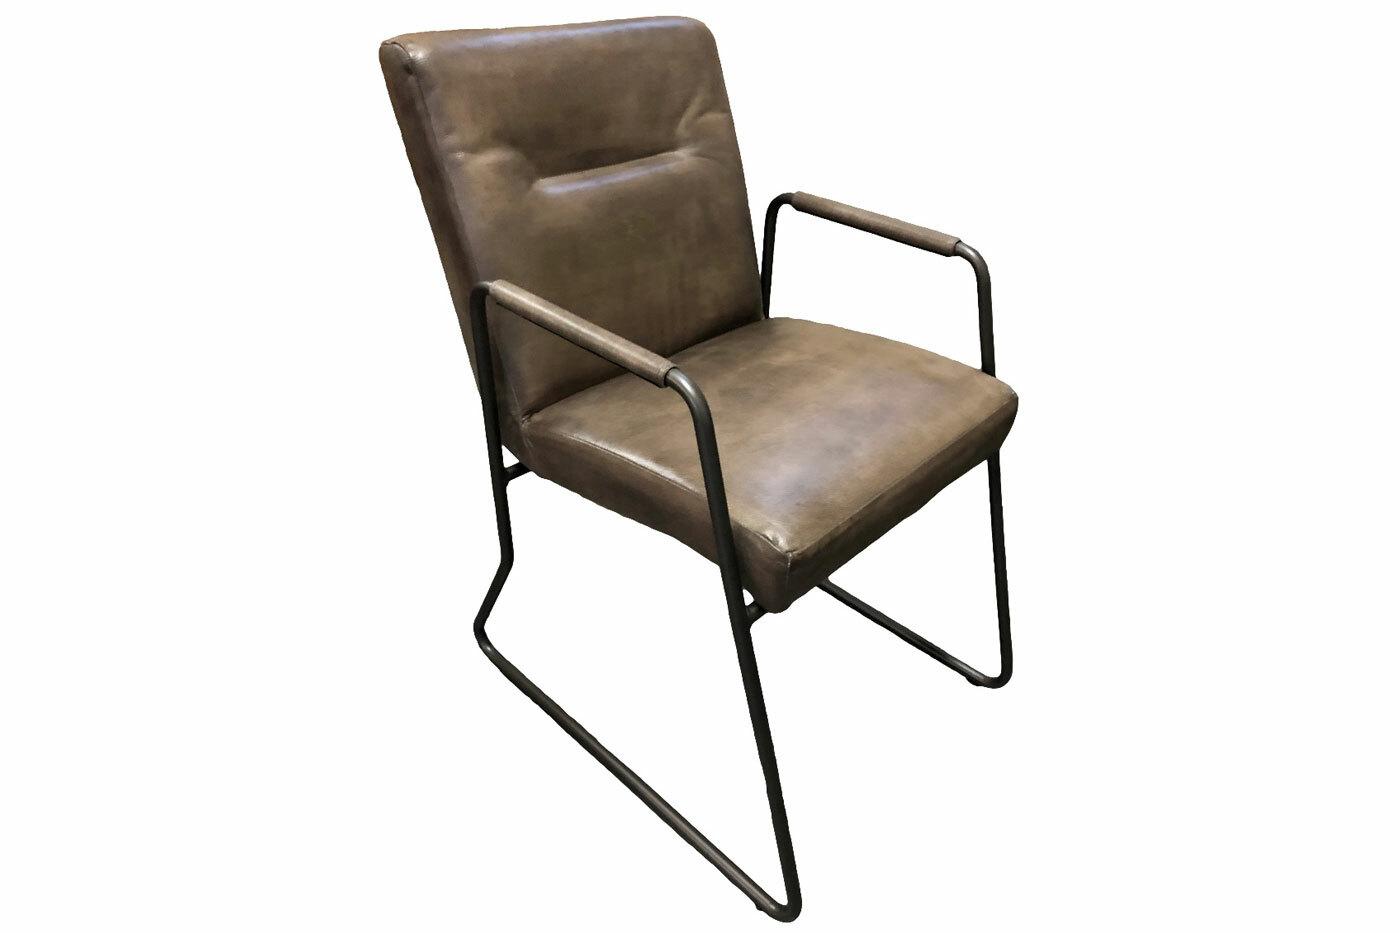 Lederstuhl mit Armlehne minimalistisch